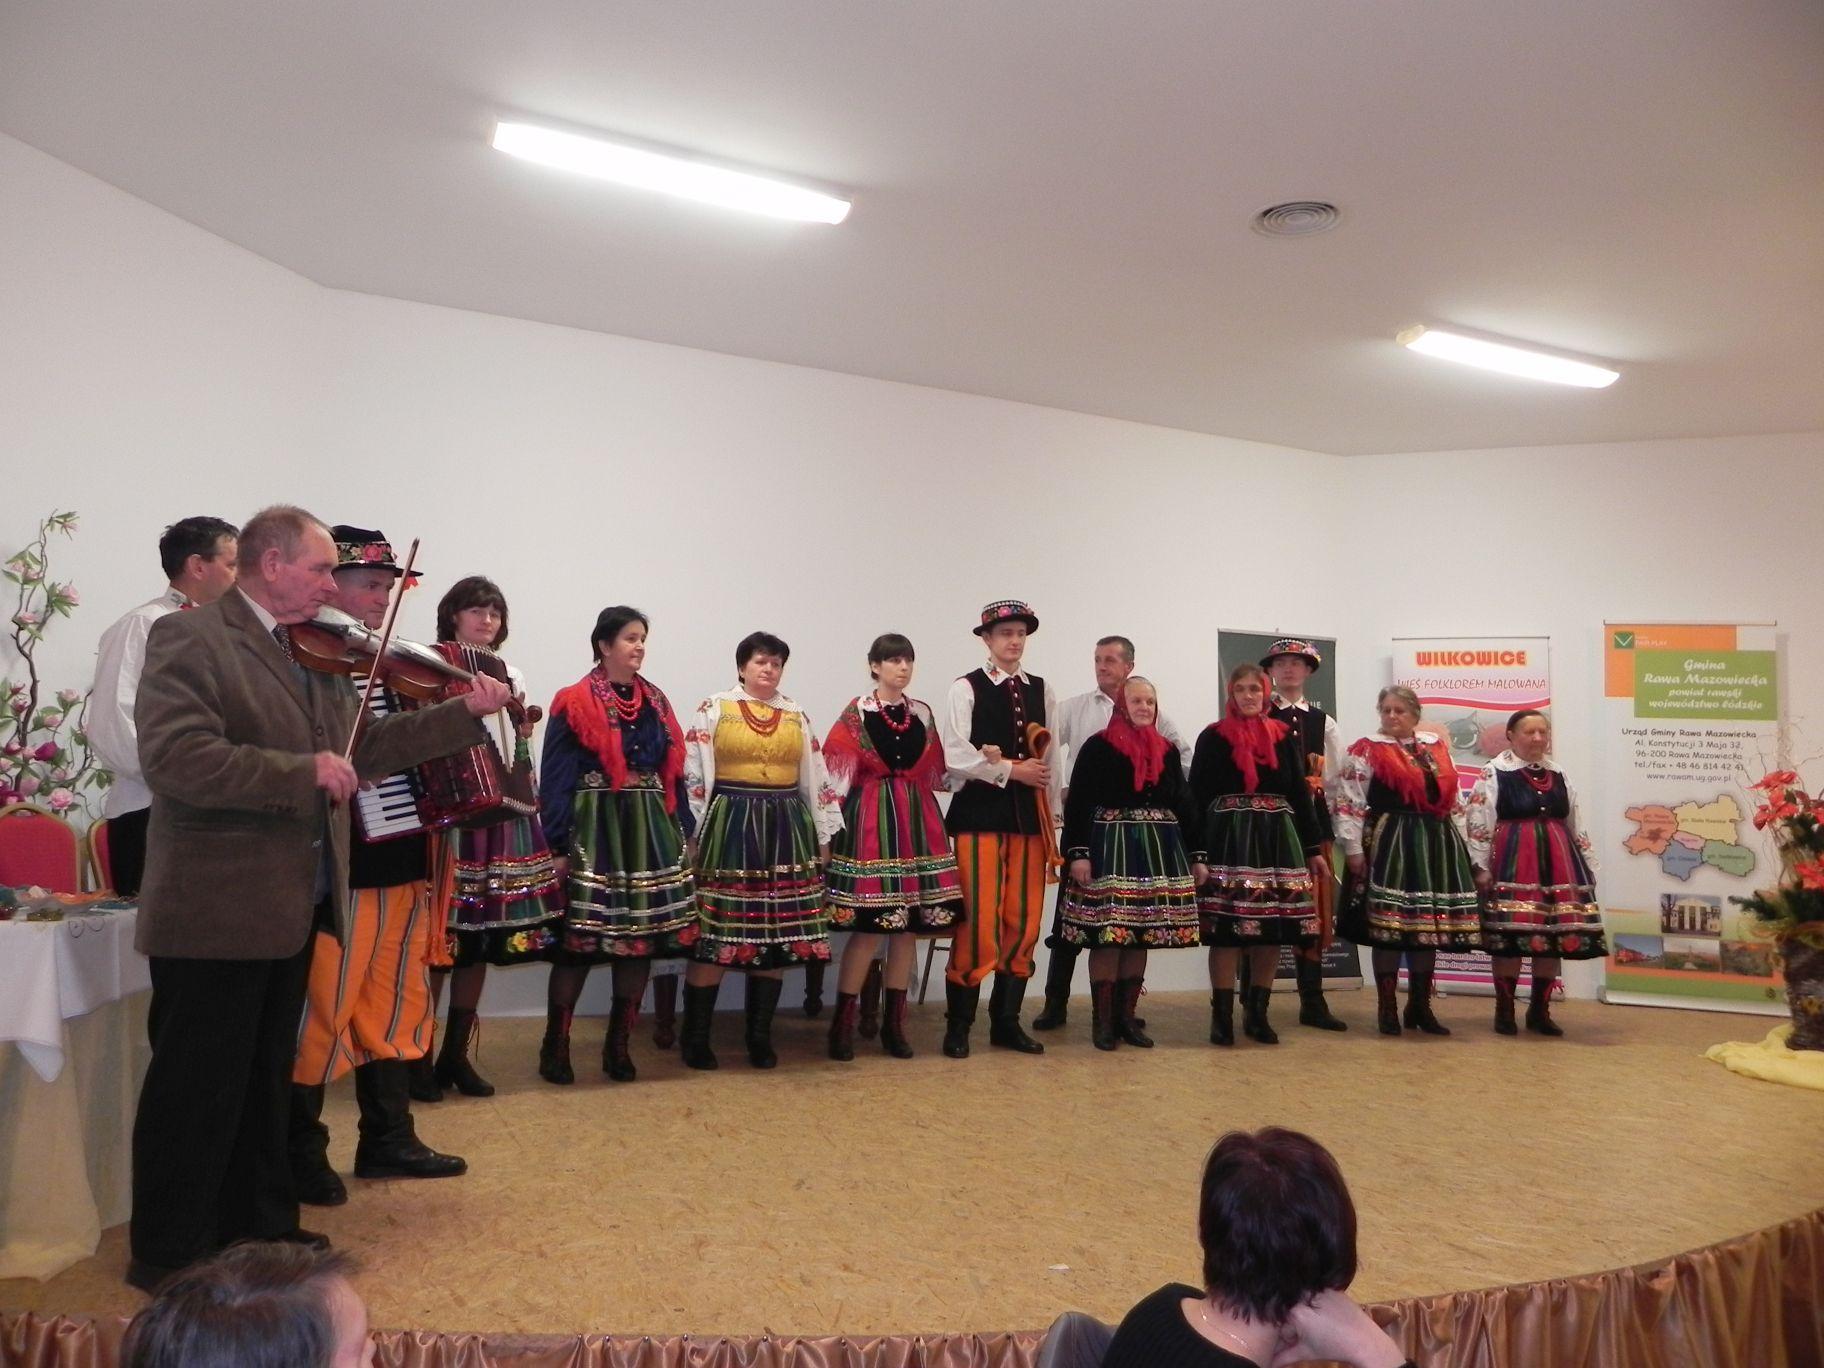 2012-12-14 Wilkowice - Konferencja Wioski tematyczne (151)